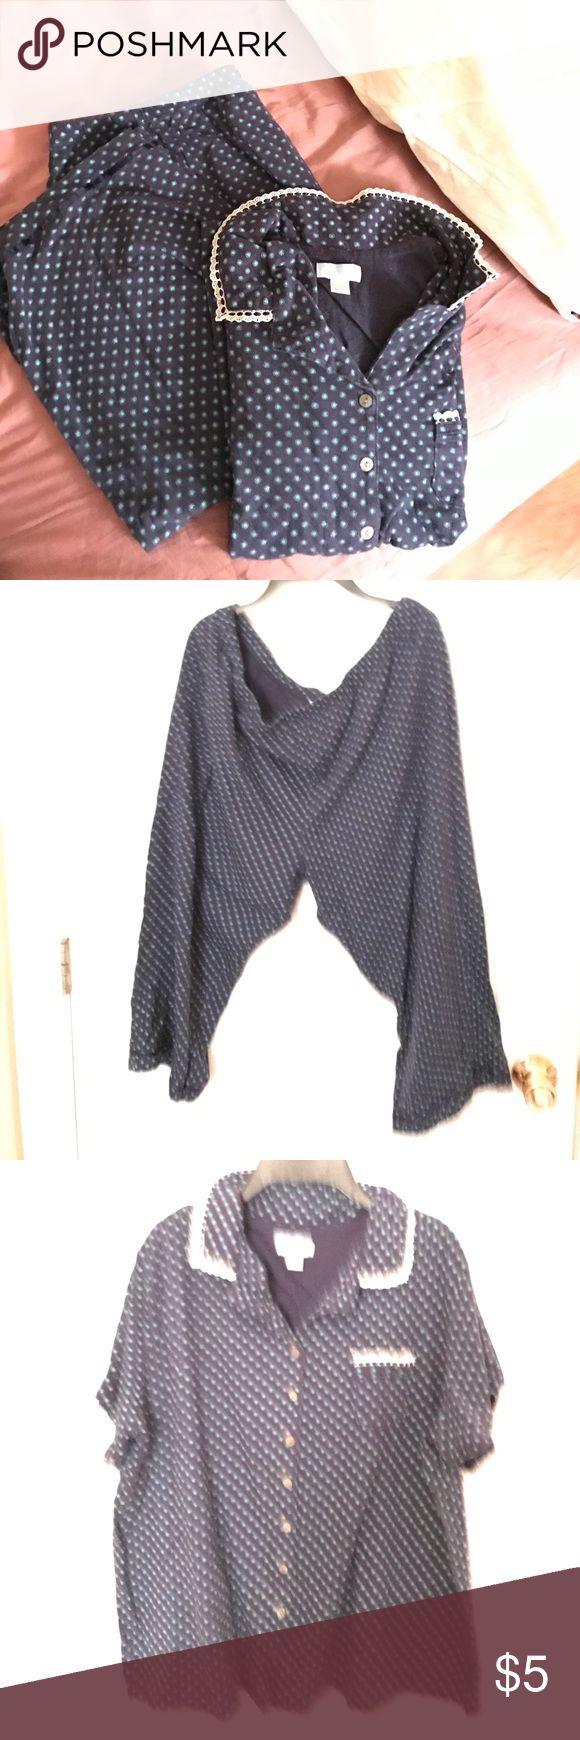 Capri night suit set Cotton based comfortable material puts you to sound sleep at night. Great pajama set. Intimates & Sleepwear Pajamas